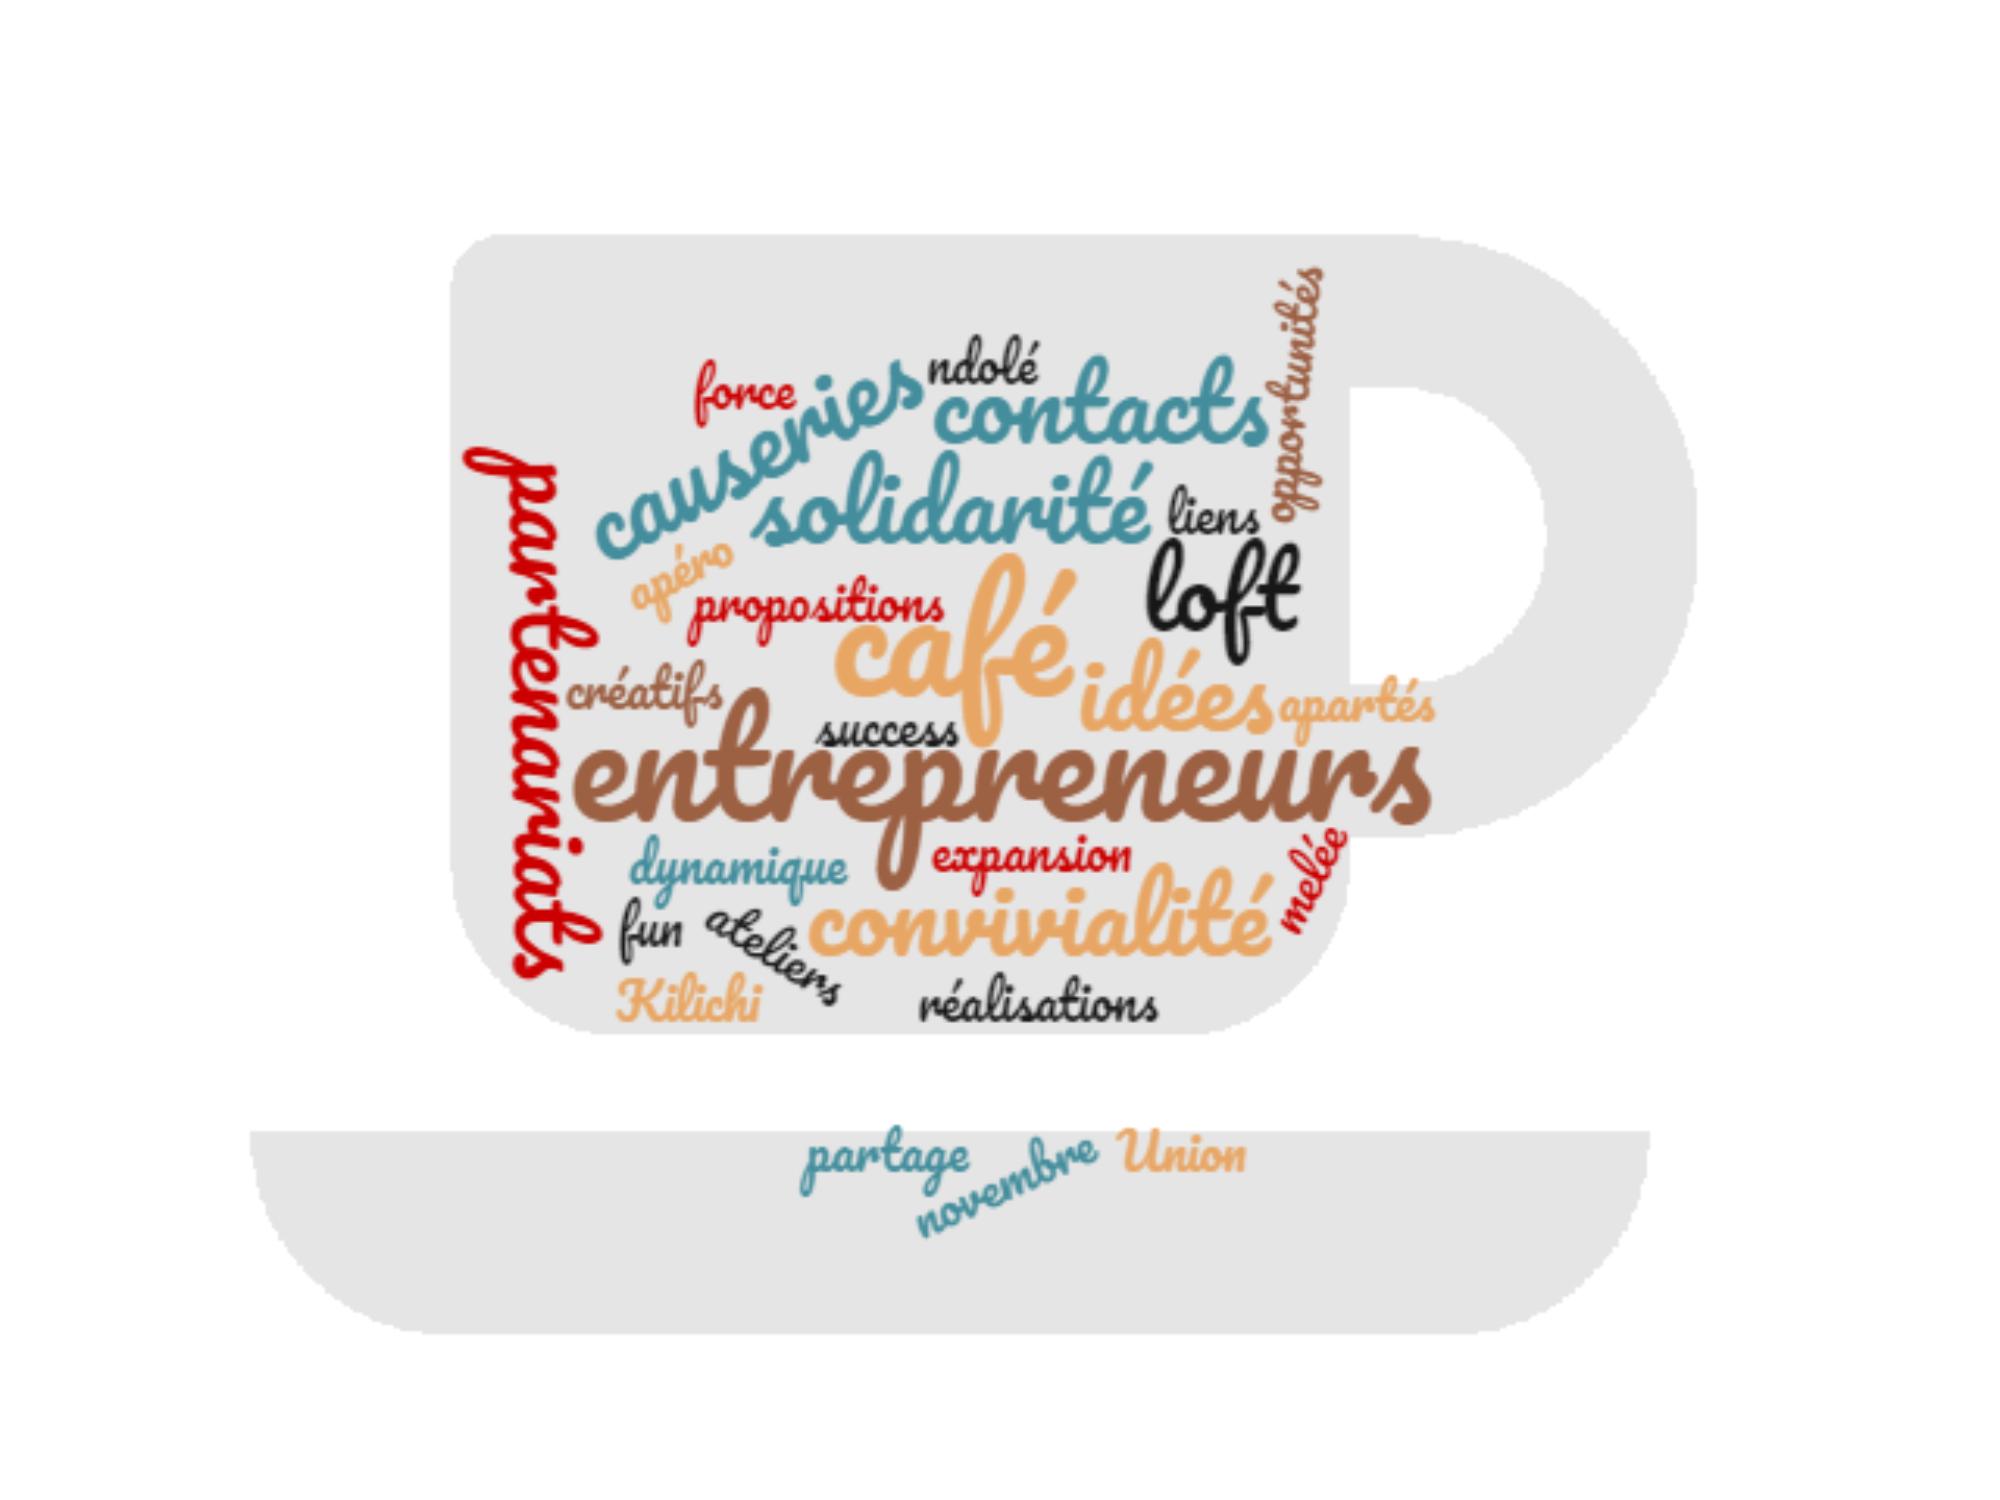 Cafe des entrepreneurs